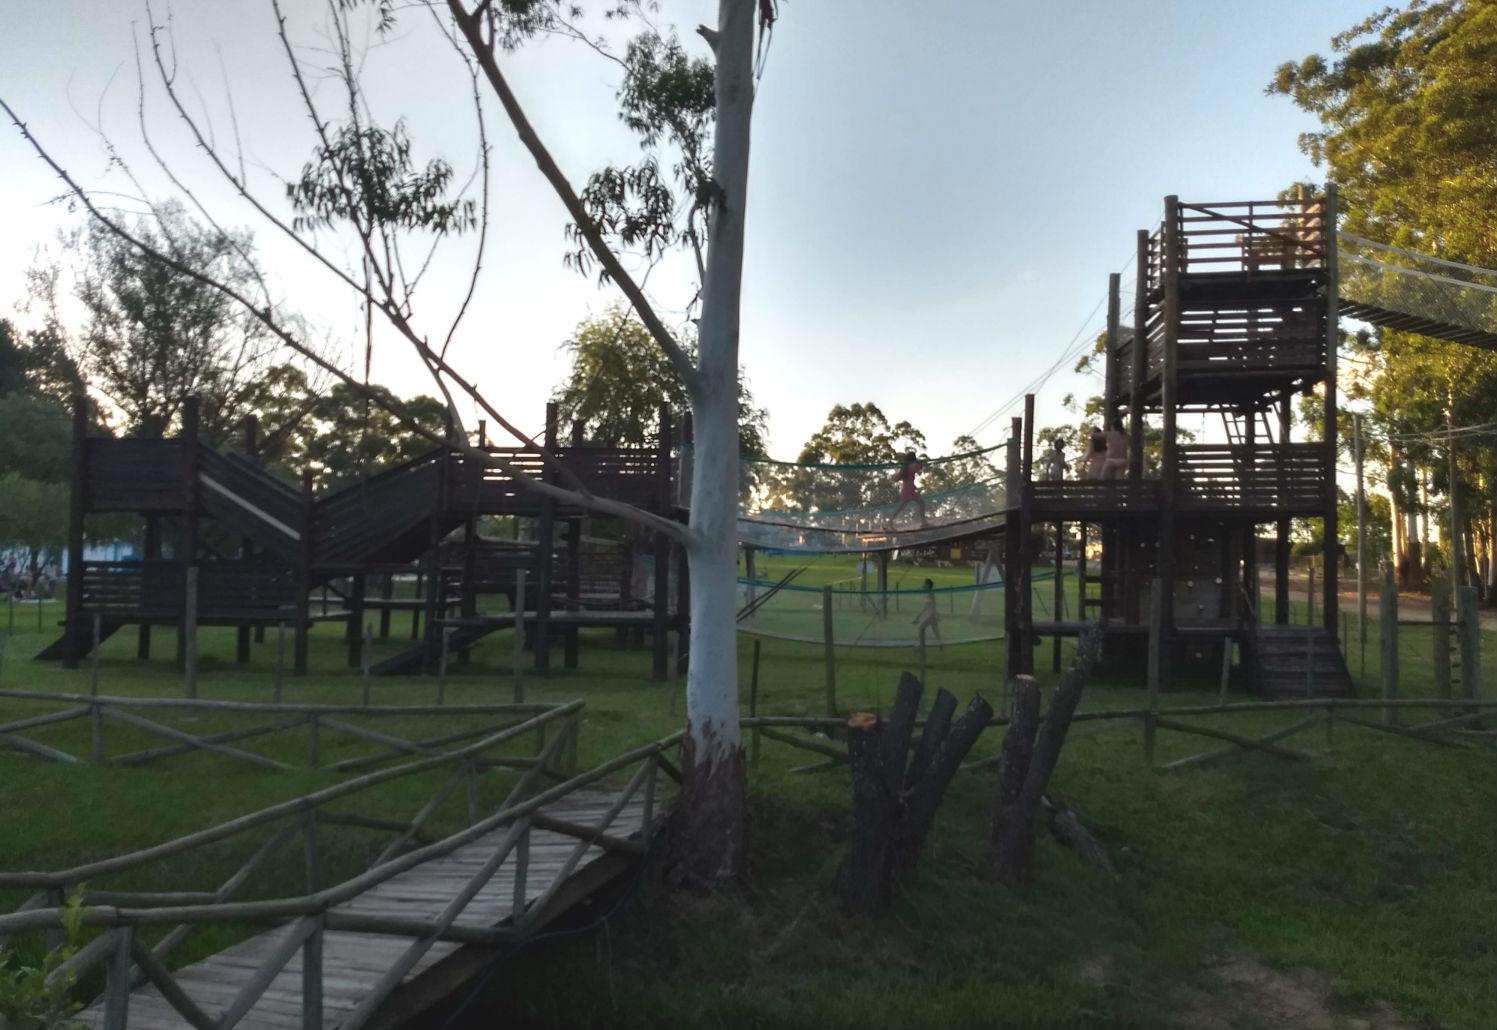 Allí concluye el recorrido, en una zona de juegos situada junto al restaurante del complejo.